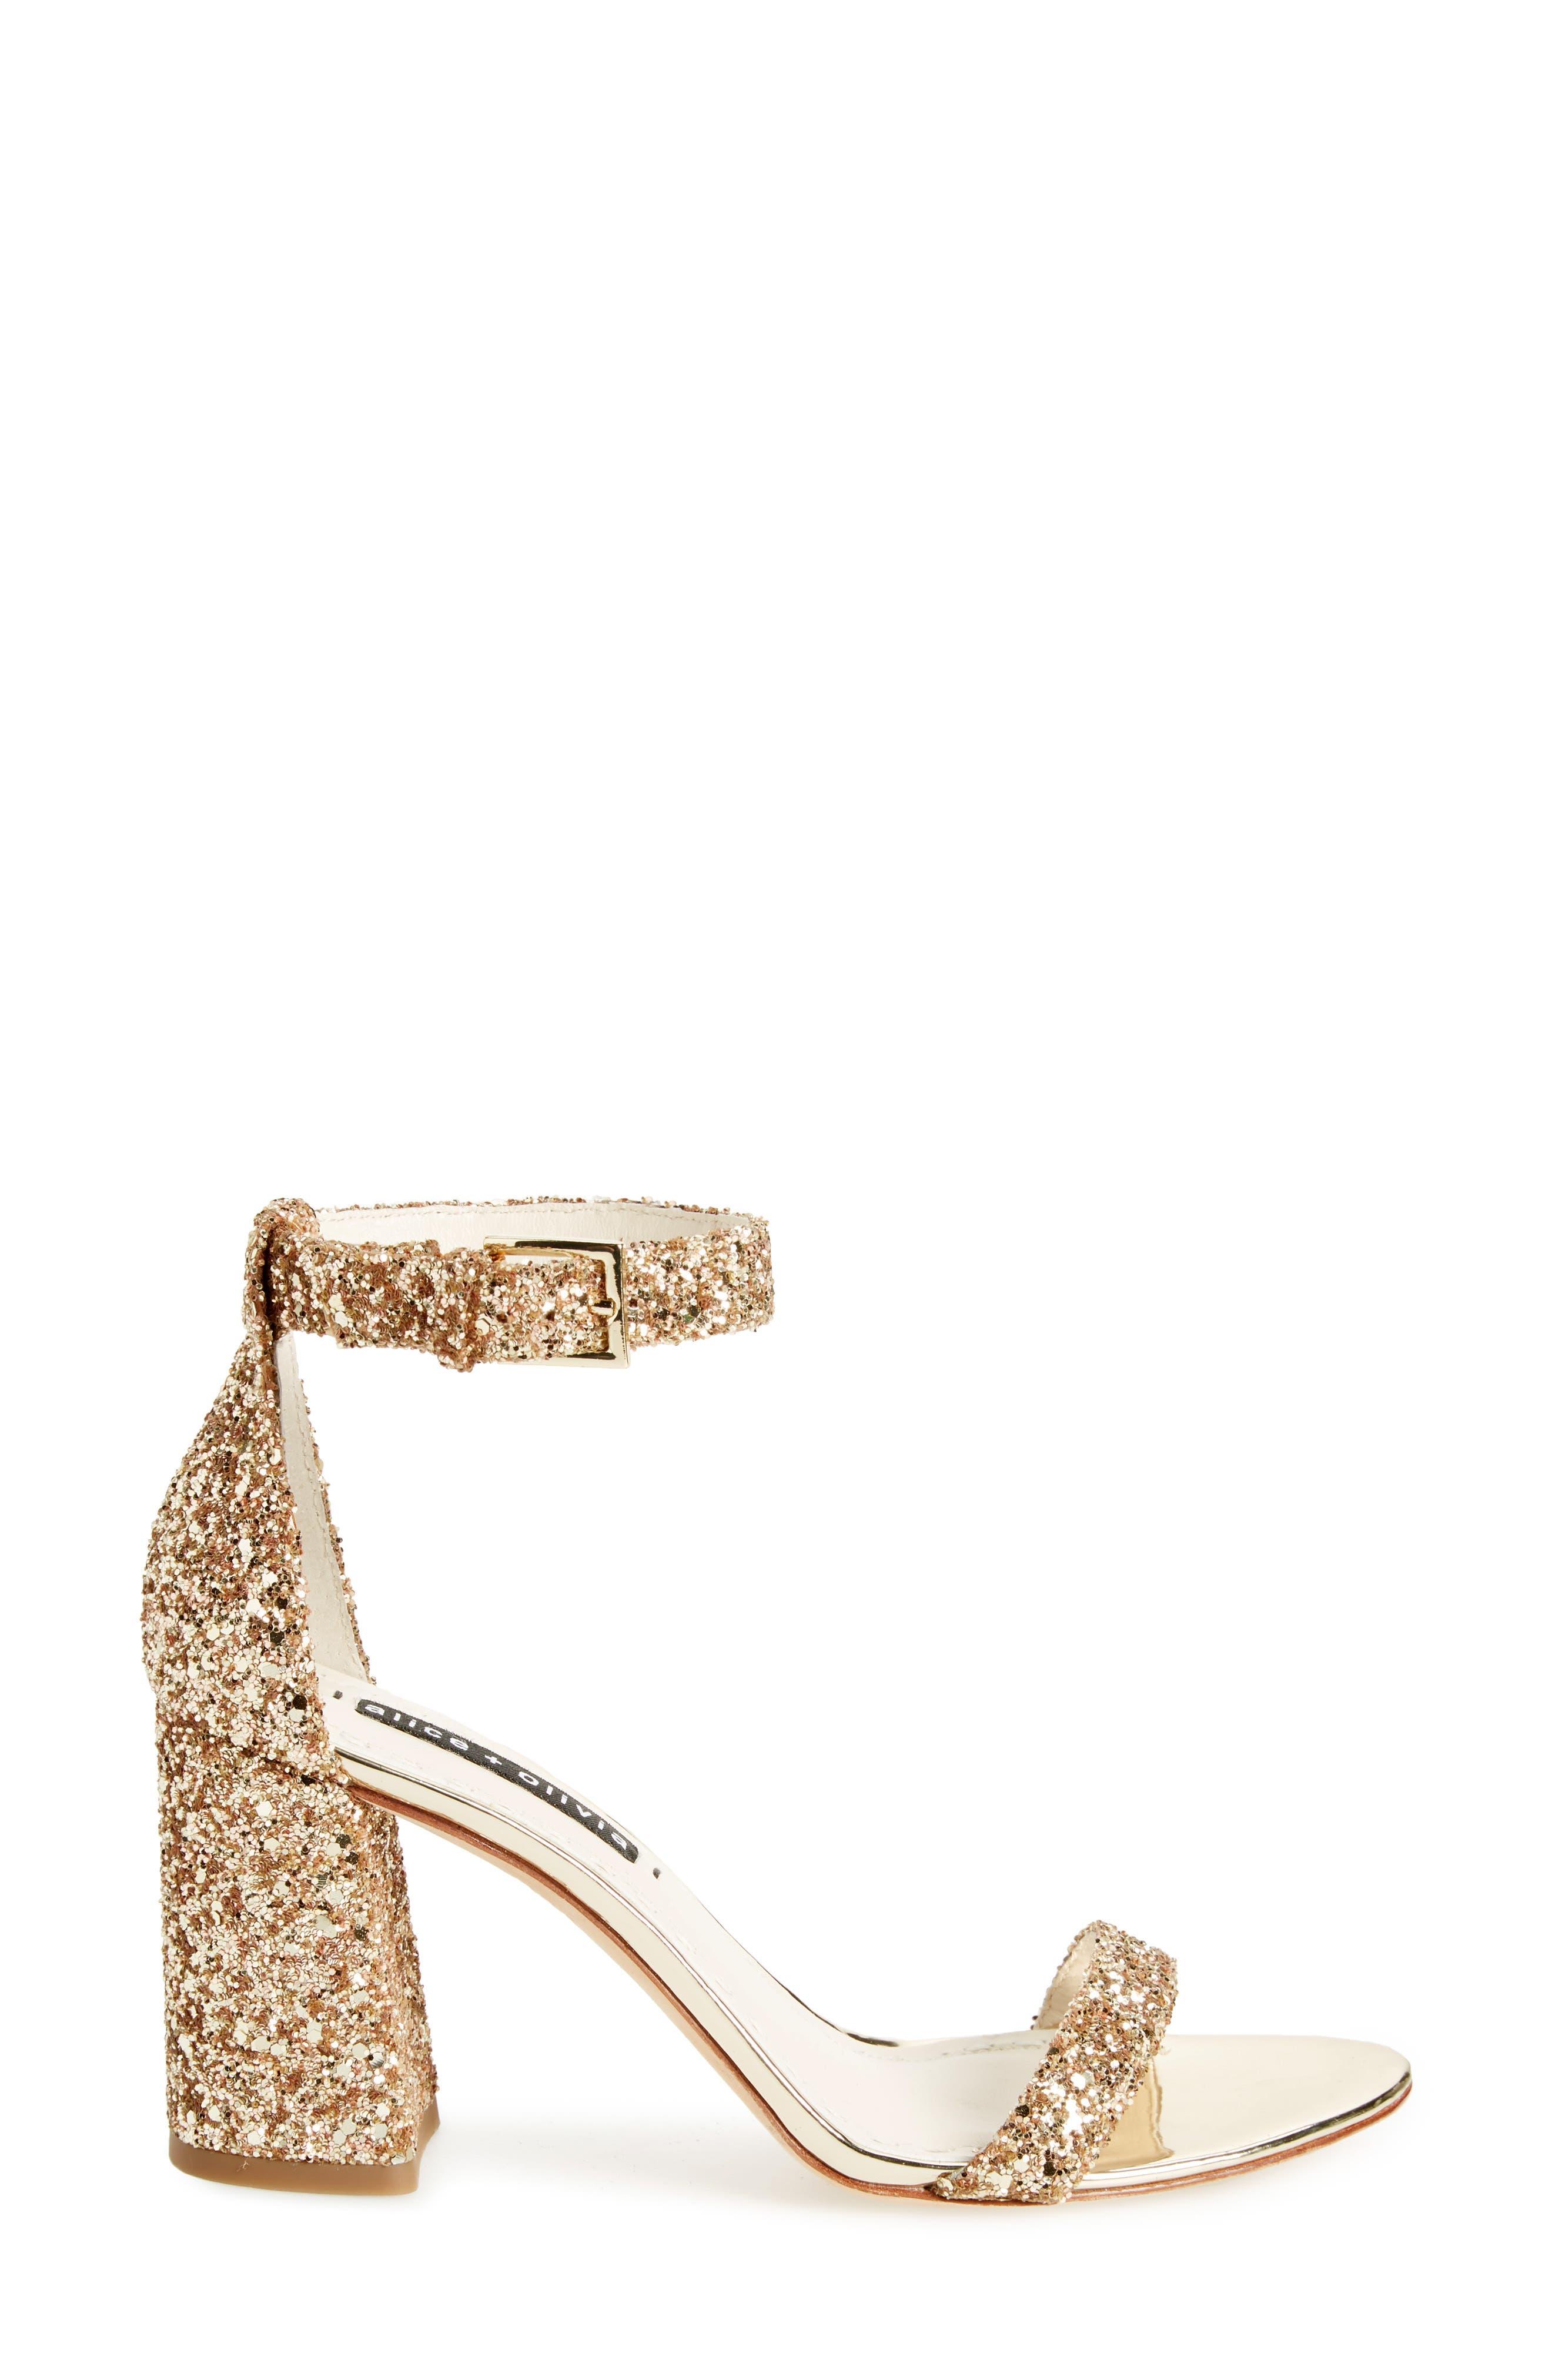 Lillian Glitter Ankle Strap Sandal,                             Alternate thumbnail 3, color,                             Gold